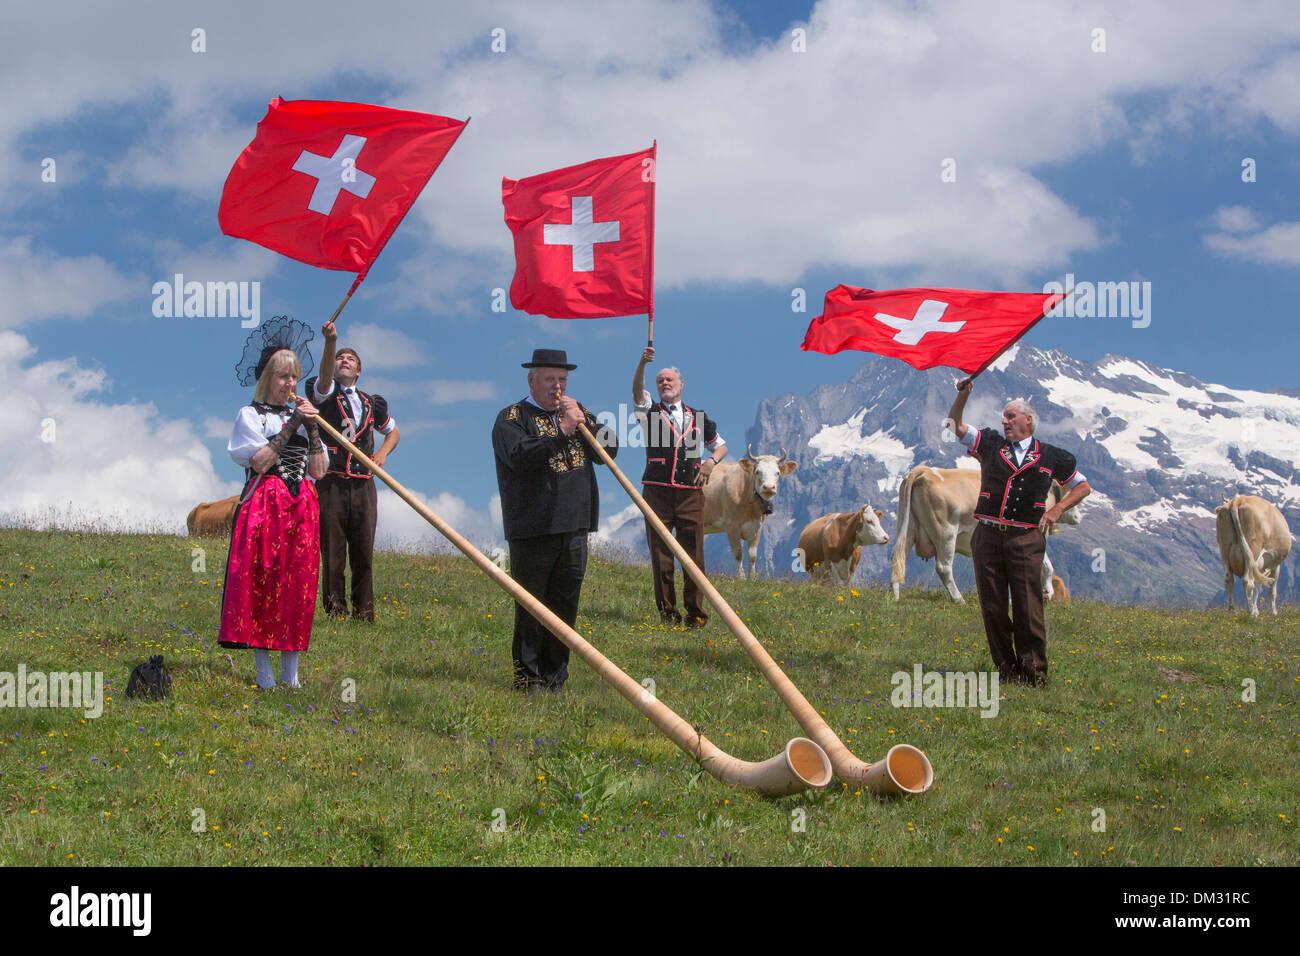 Schweiz Europa Alphorn Fahne Flagge werfen schwingen ...